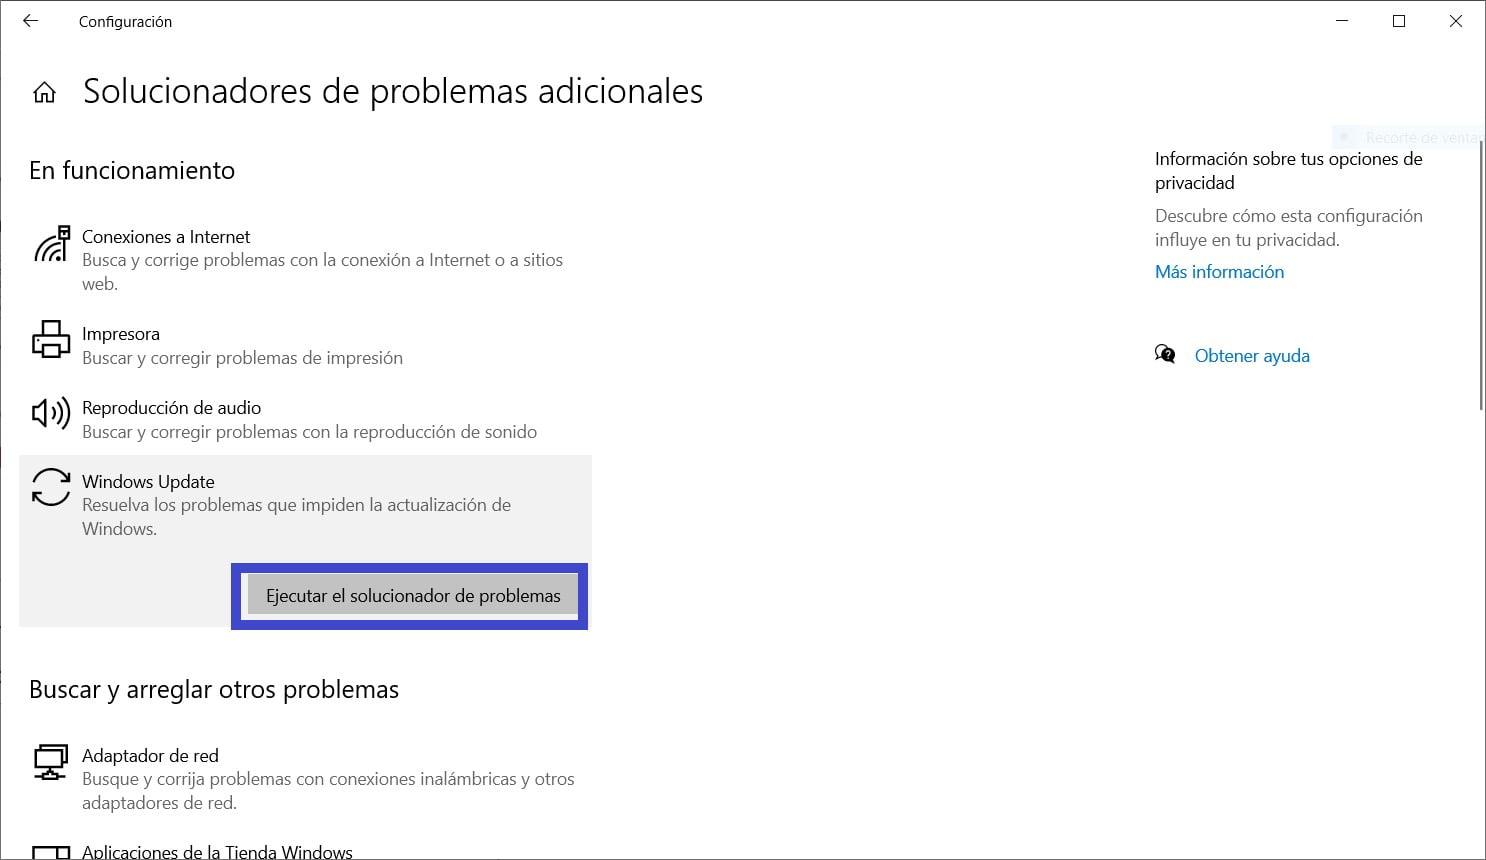 Botón para ejecutar el solucionador de problemas de Windows Update